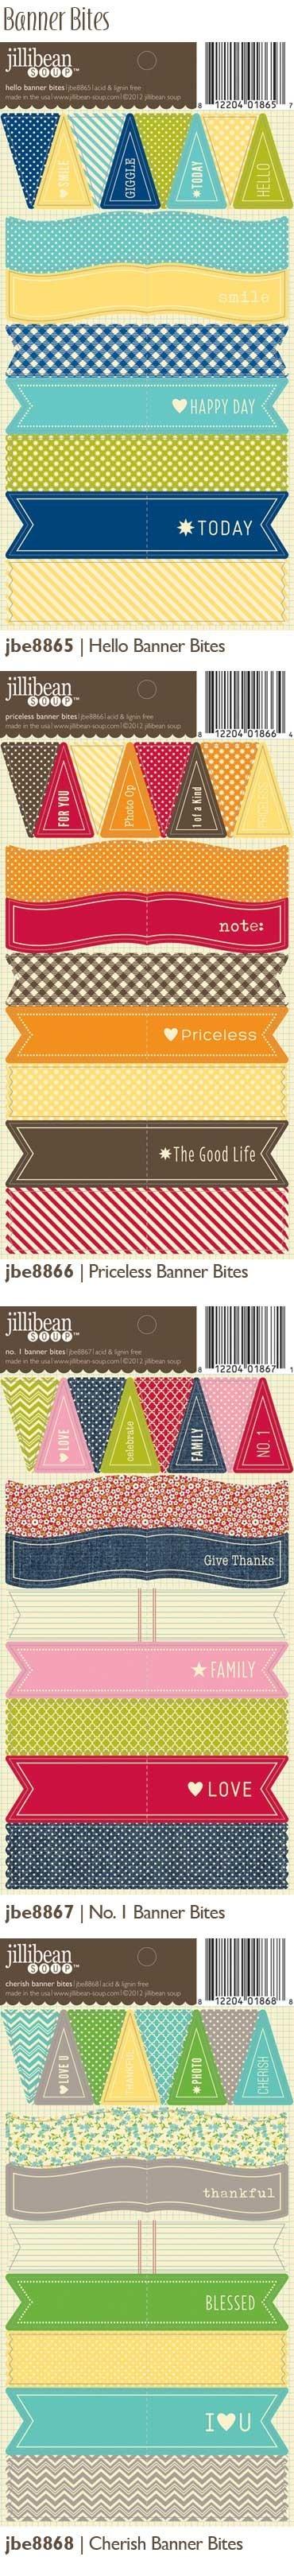 Jillibean Soup: Banner Bites, lots of different colors